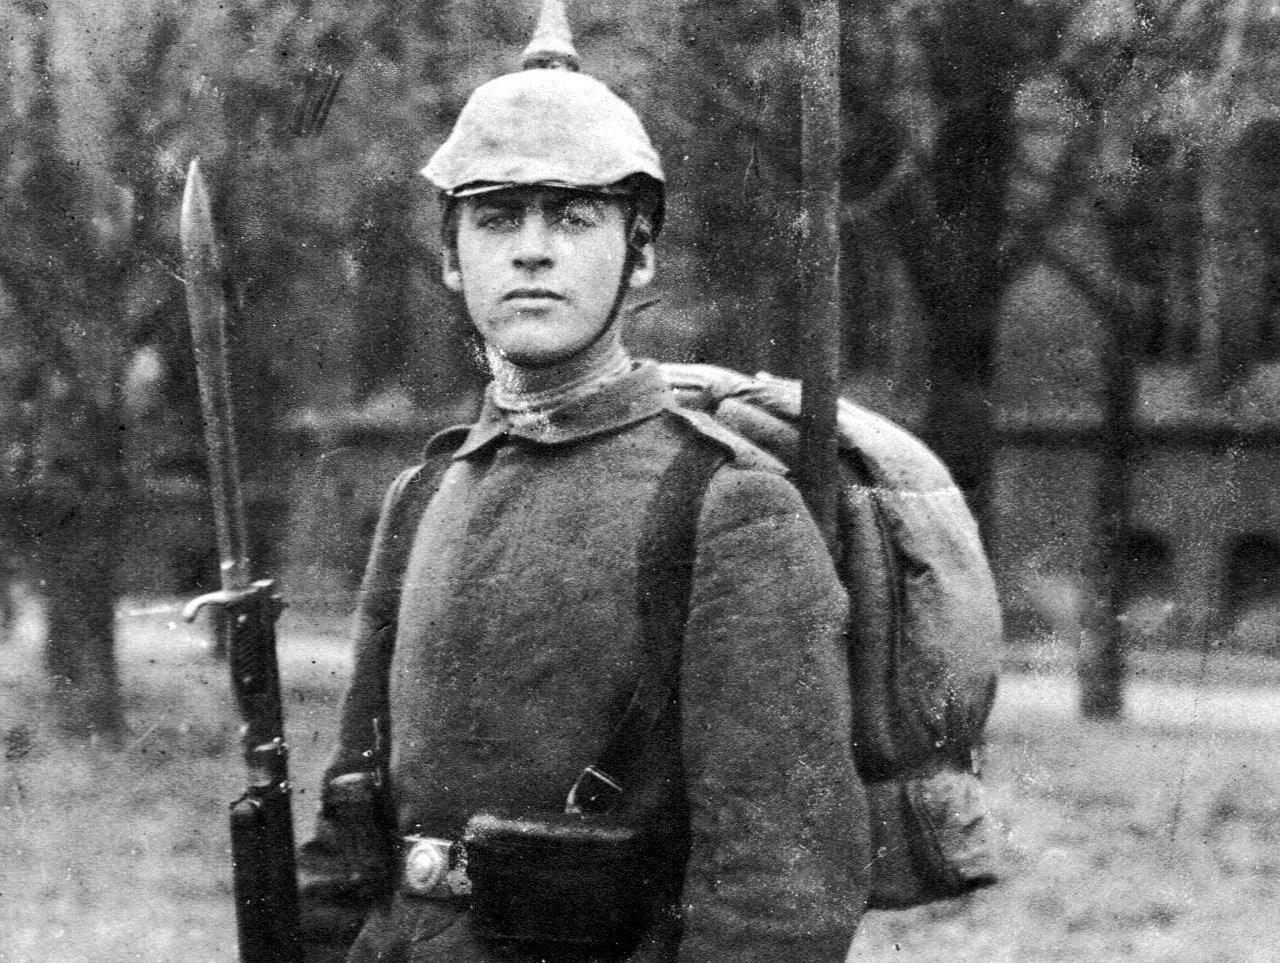 Эрих Мария Ремарк, 1918 г.